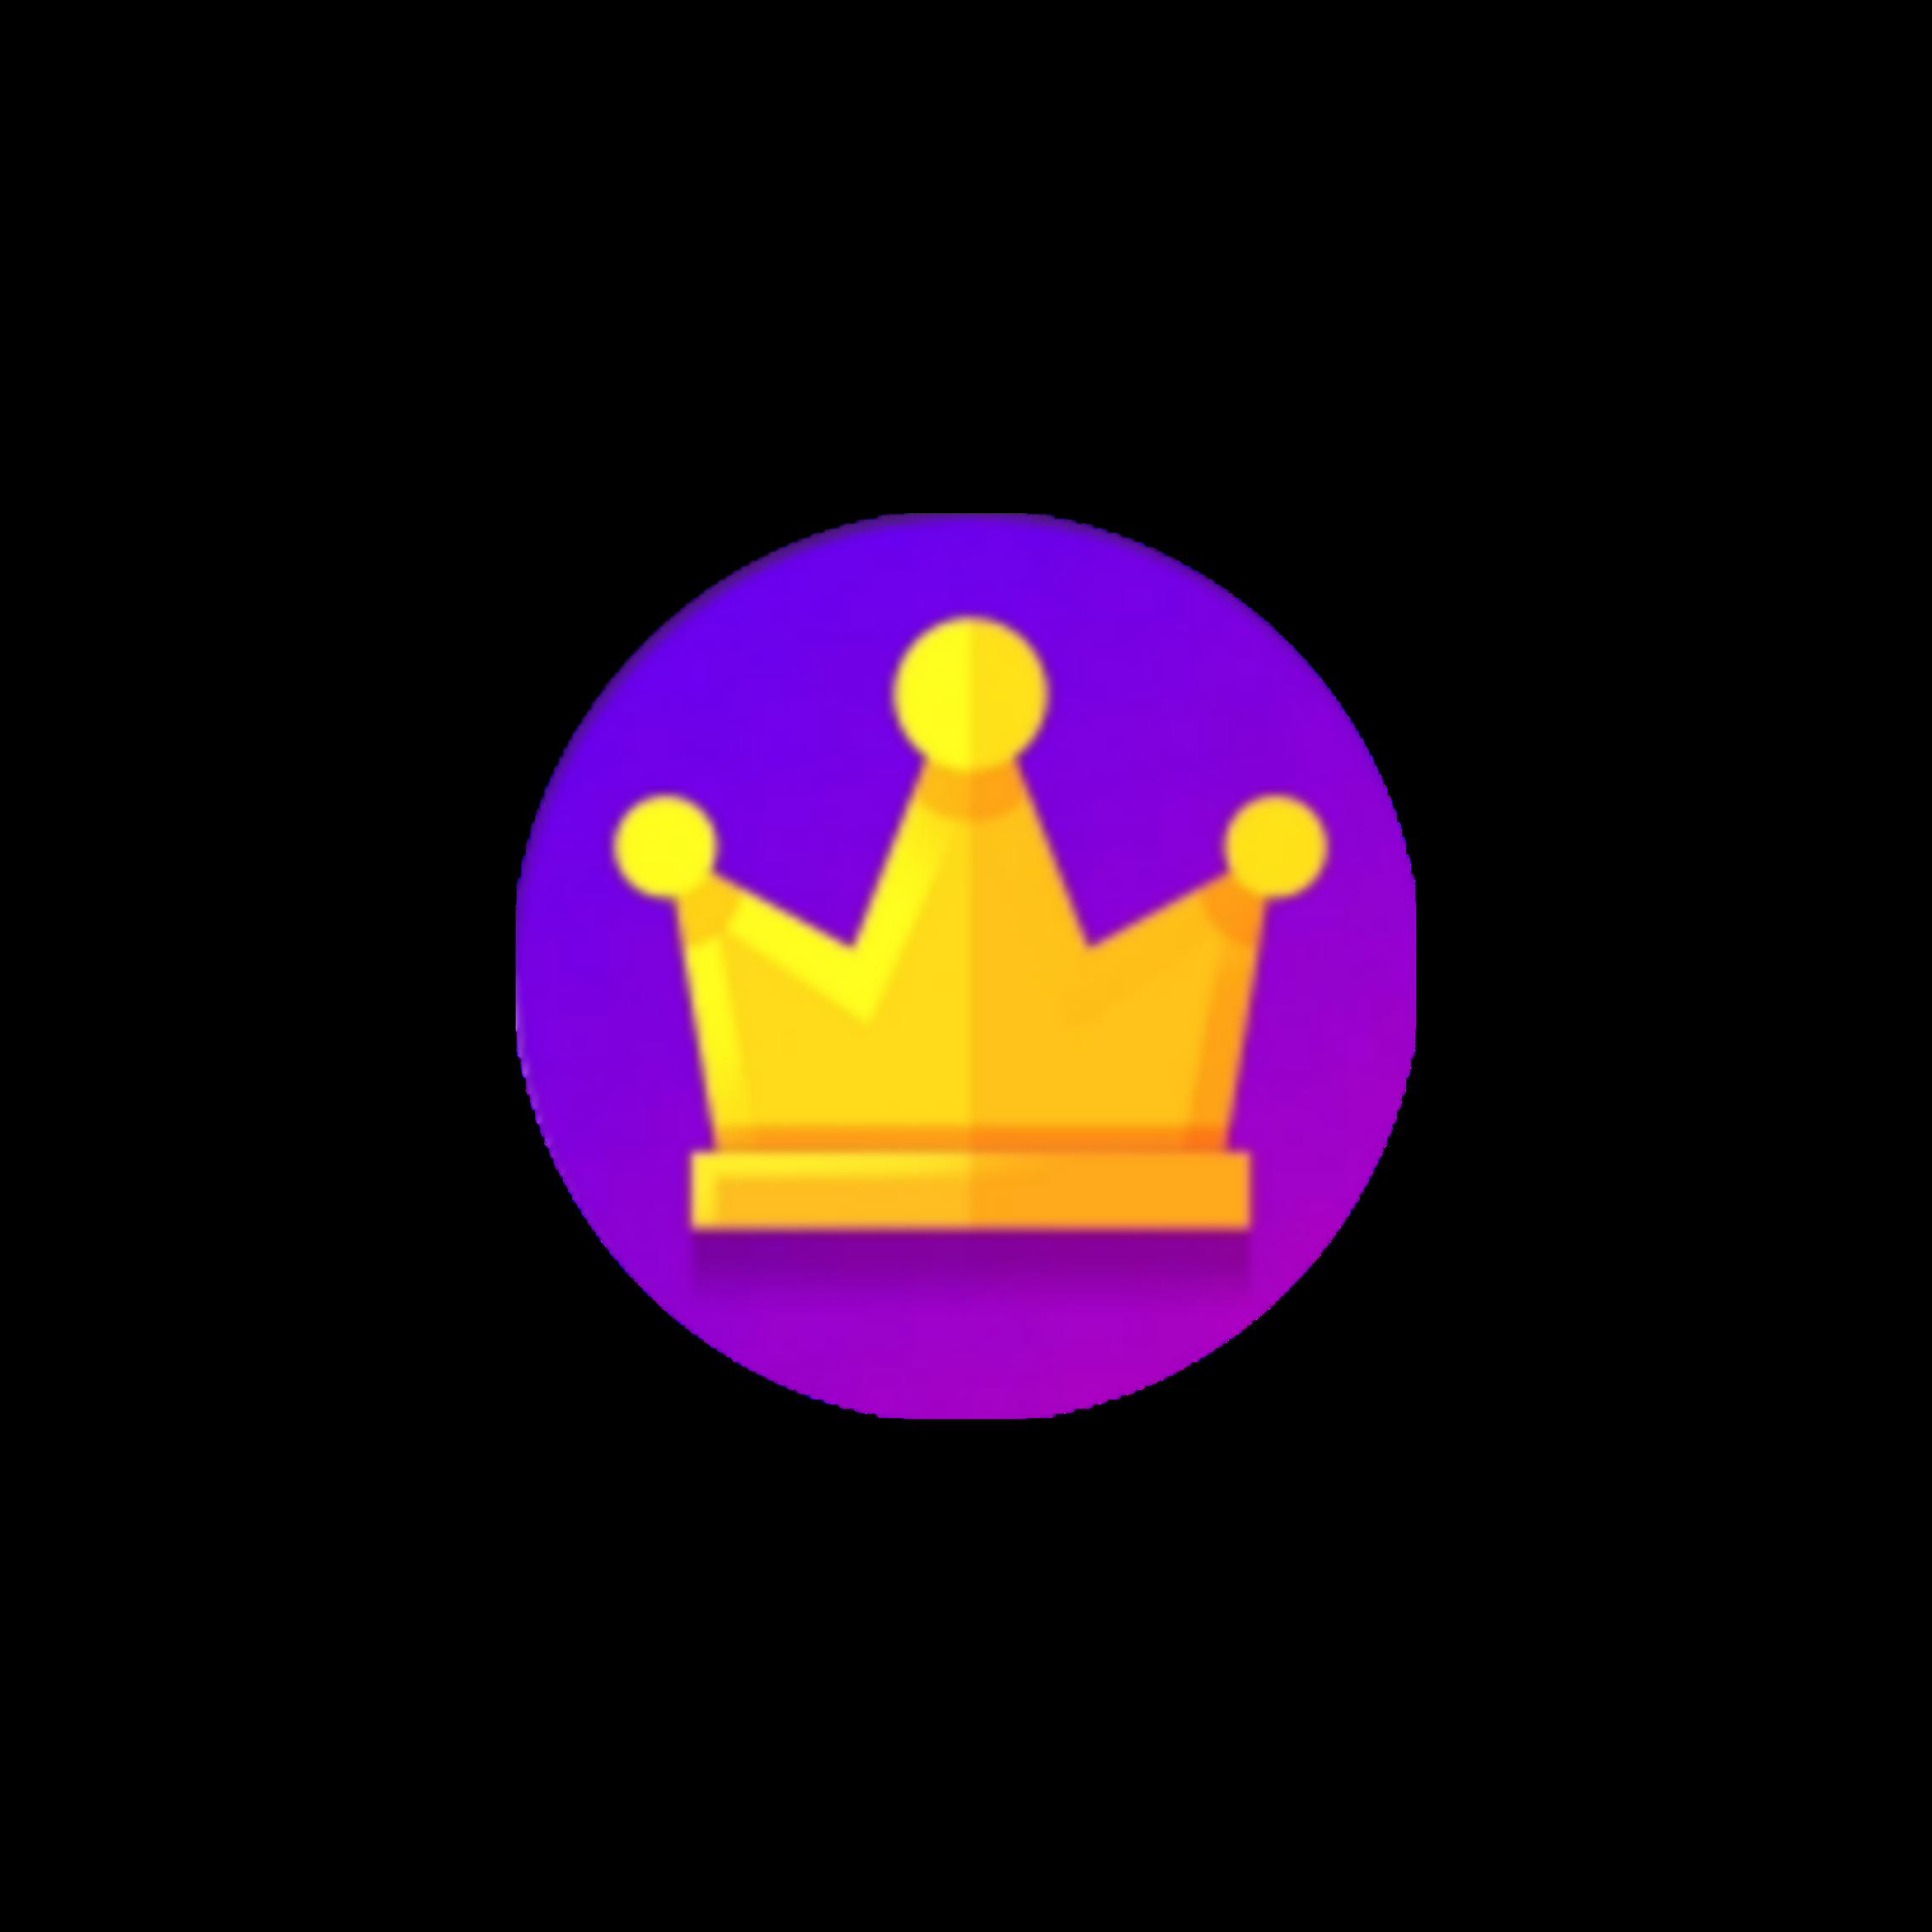 фотки с короной из лайка трехцветный это